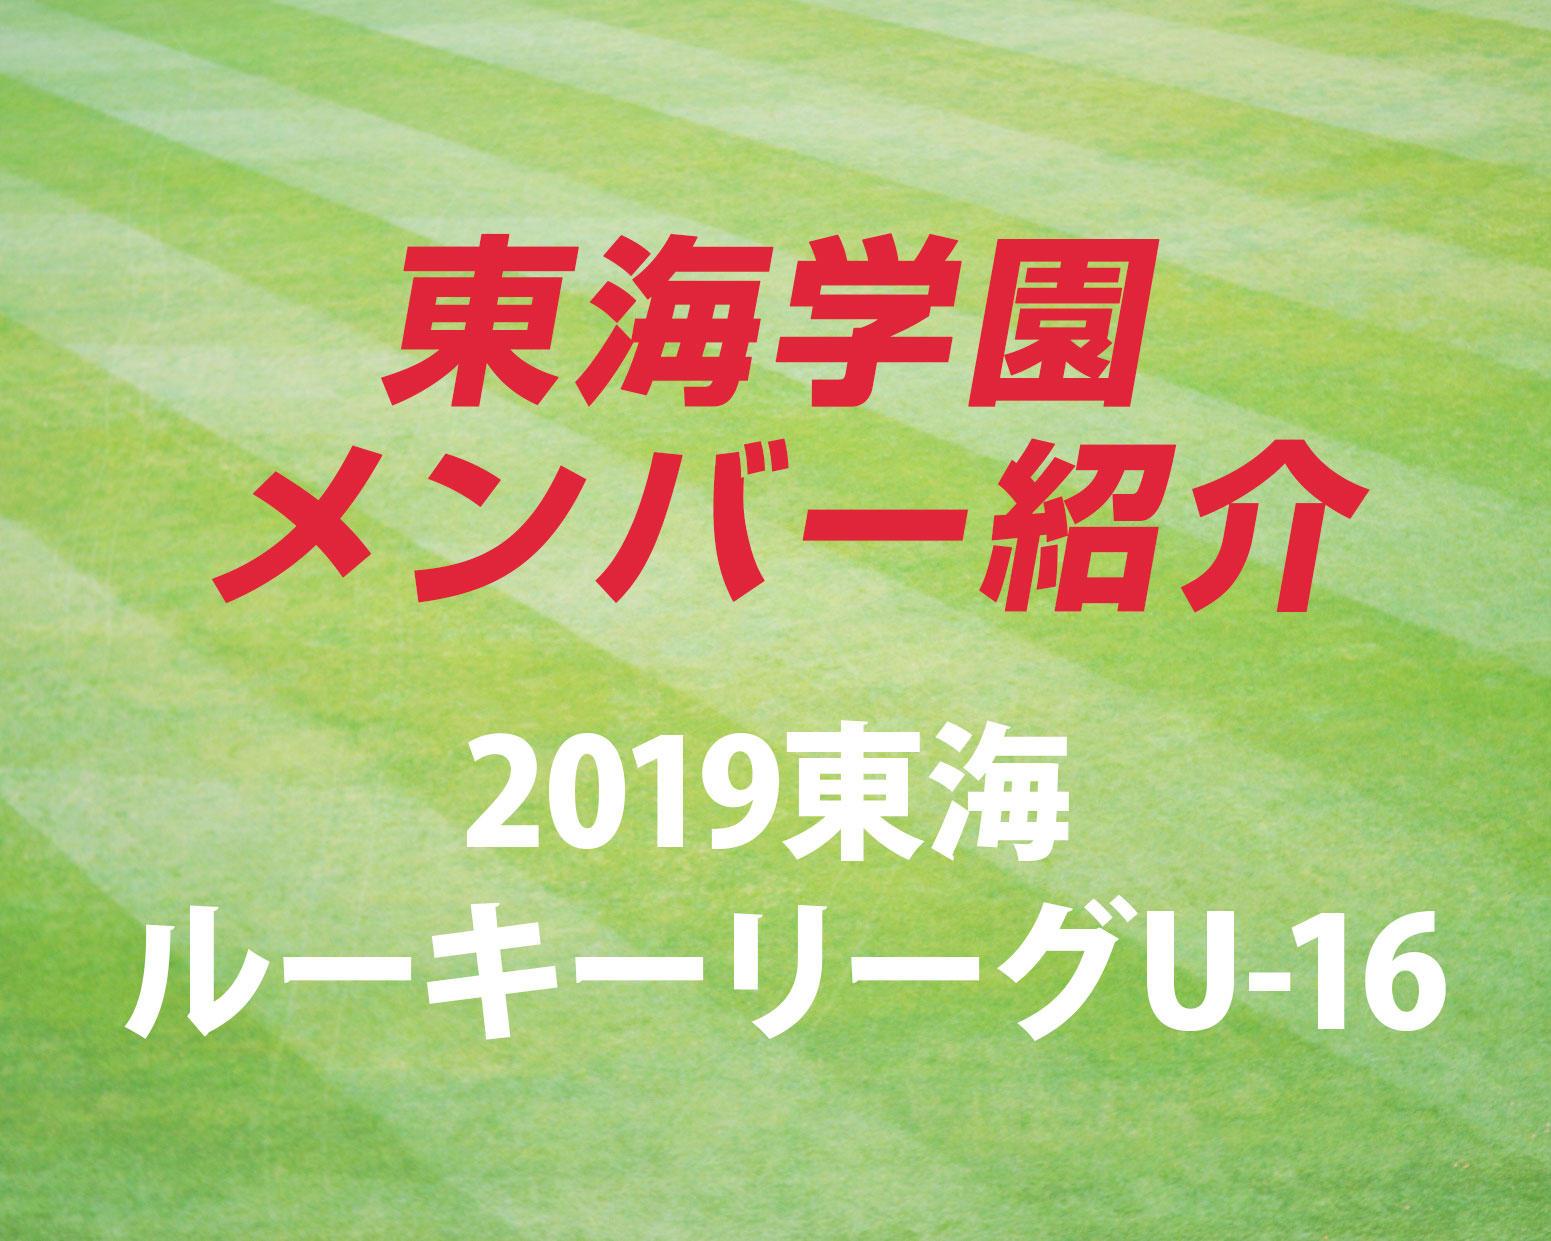 愛知の強豪・東海学園高校サッカー部のメンバー紹介!(2019 東海ルーキーリーグU-16)